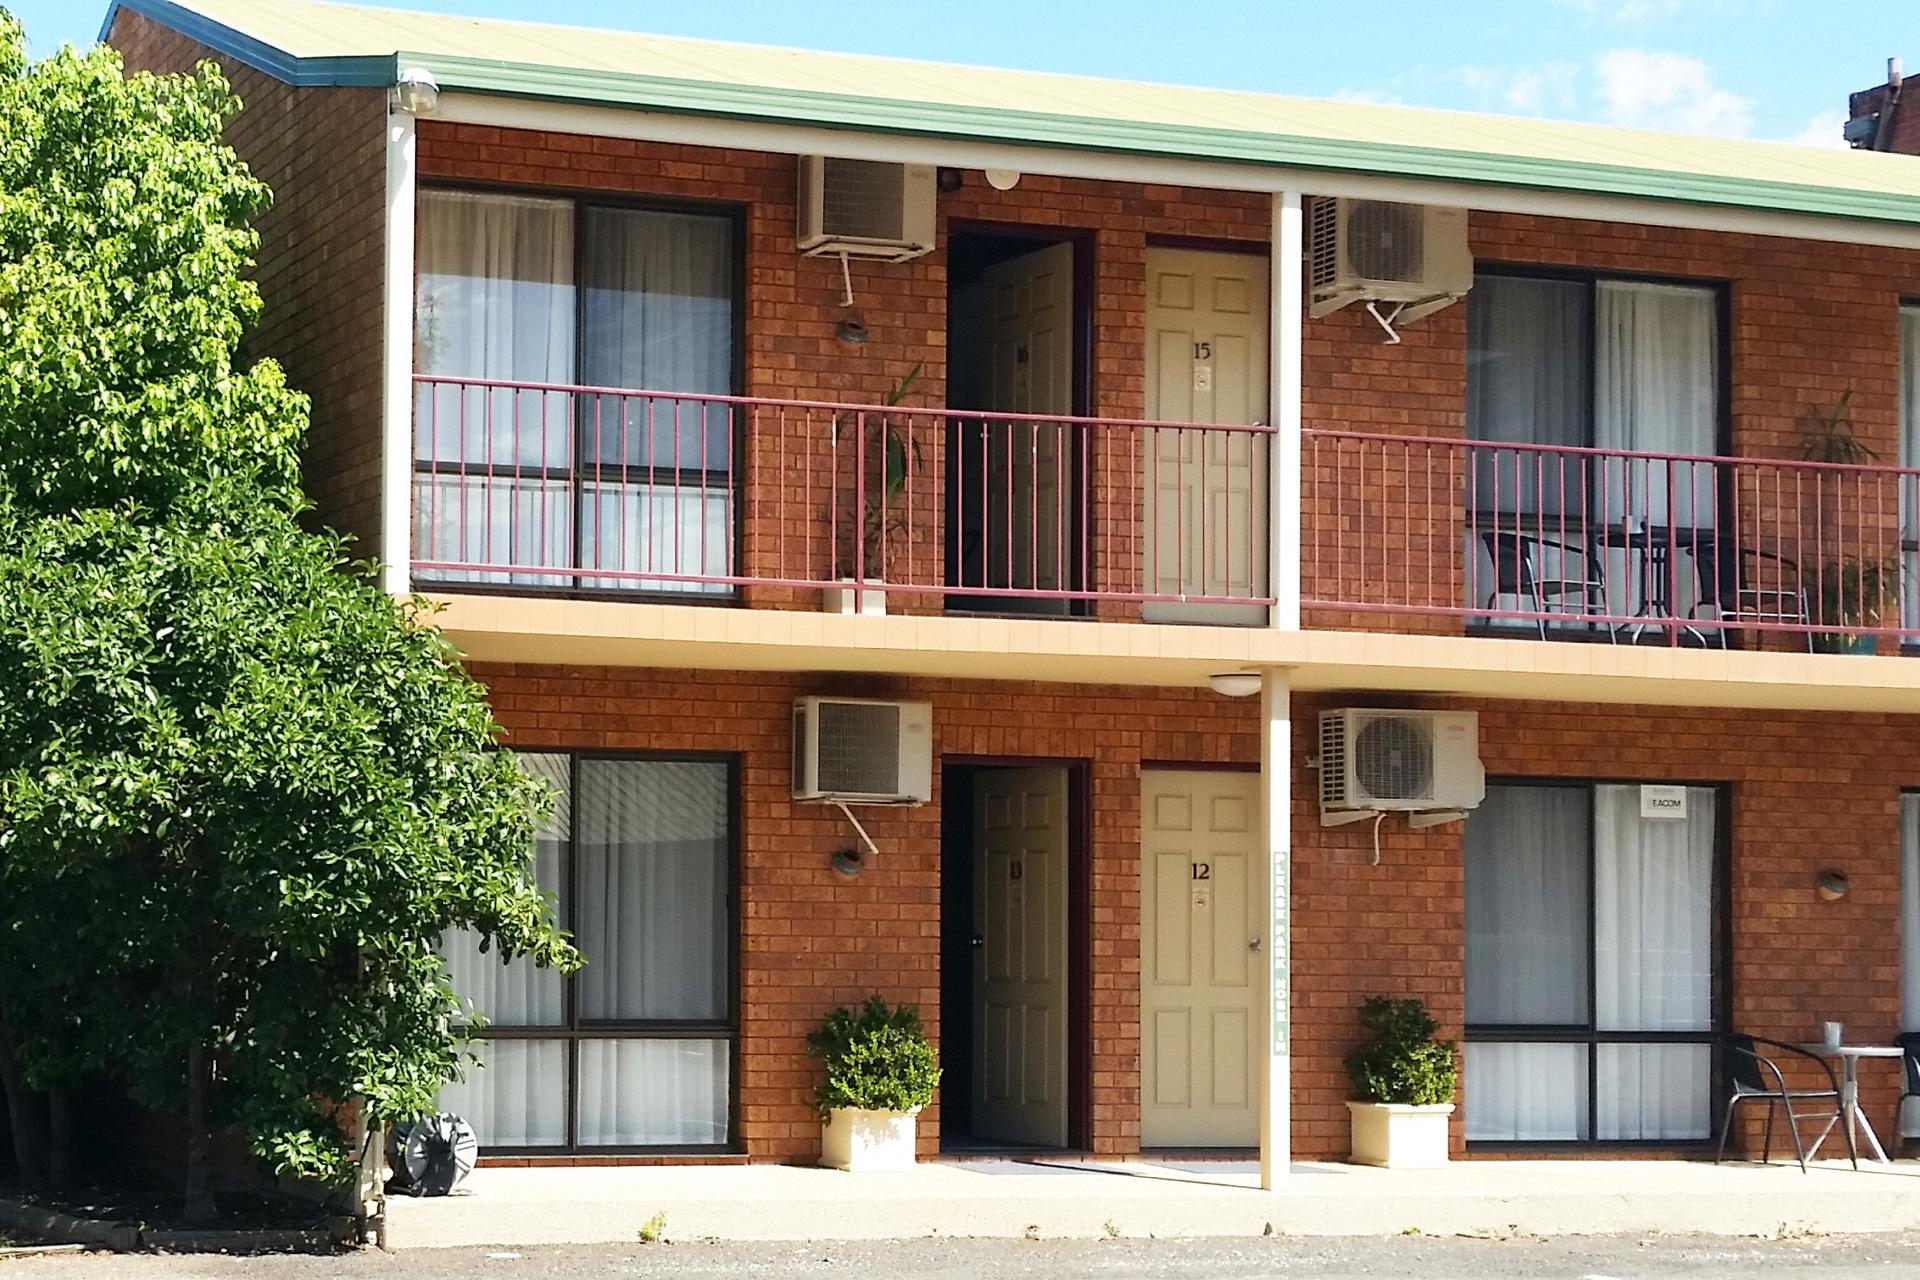 f - Yambil Inn Motel